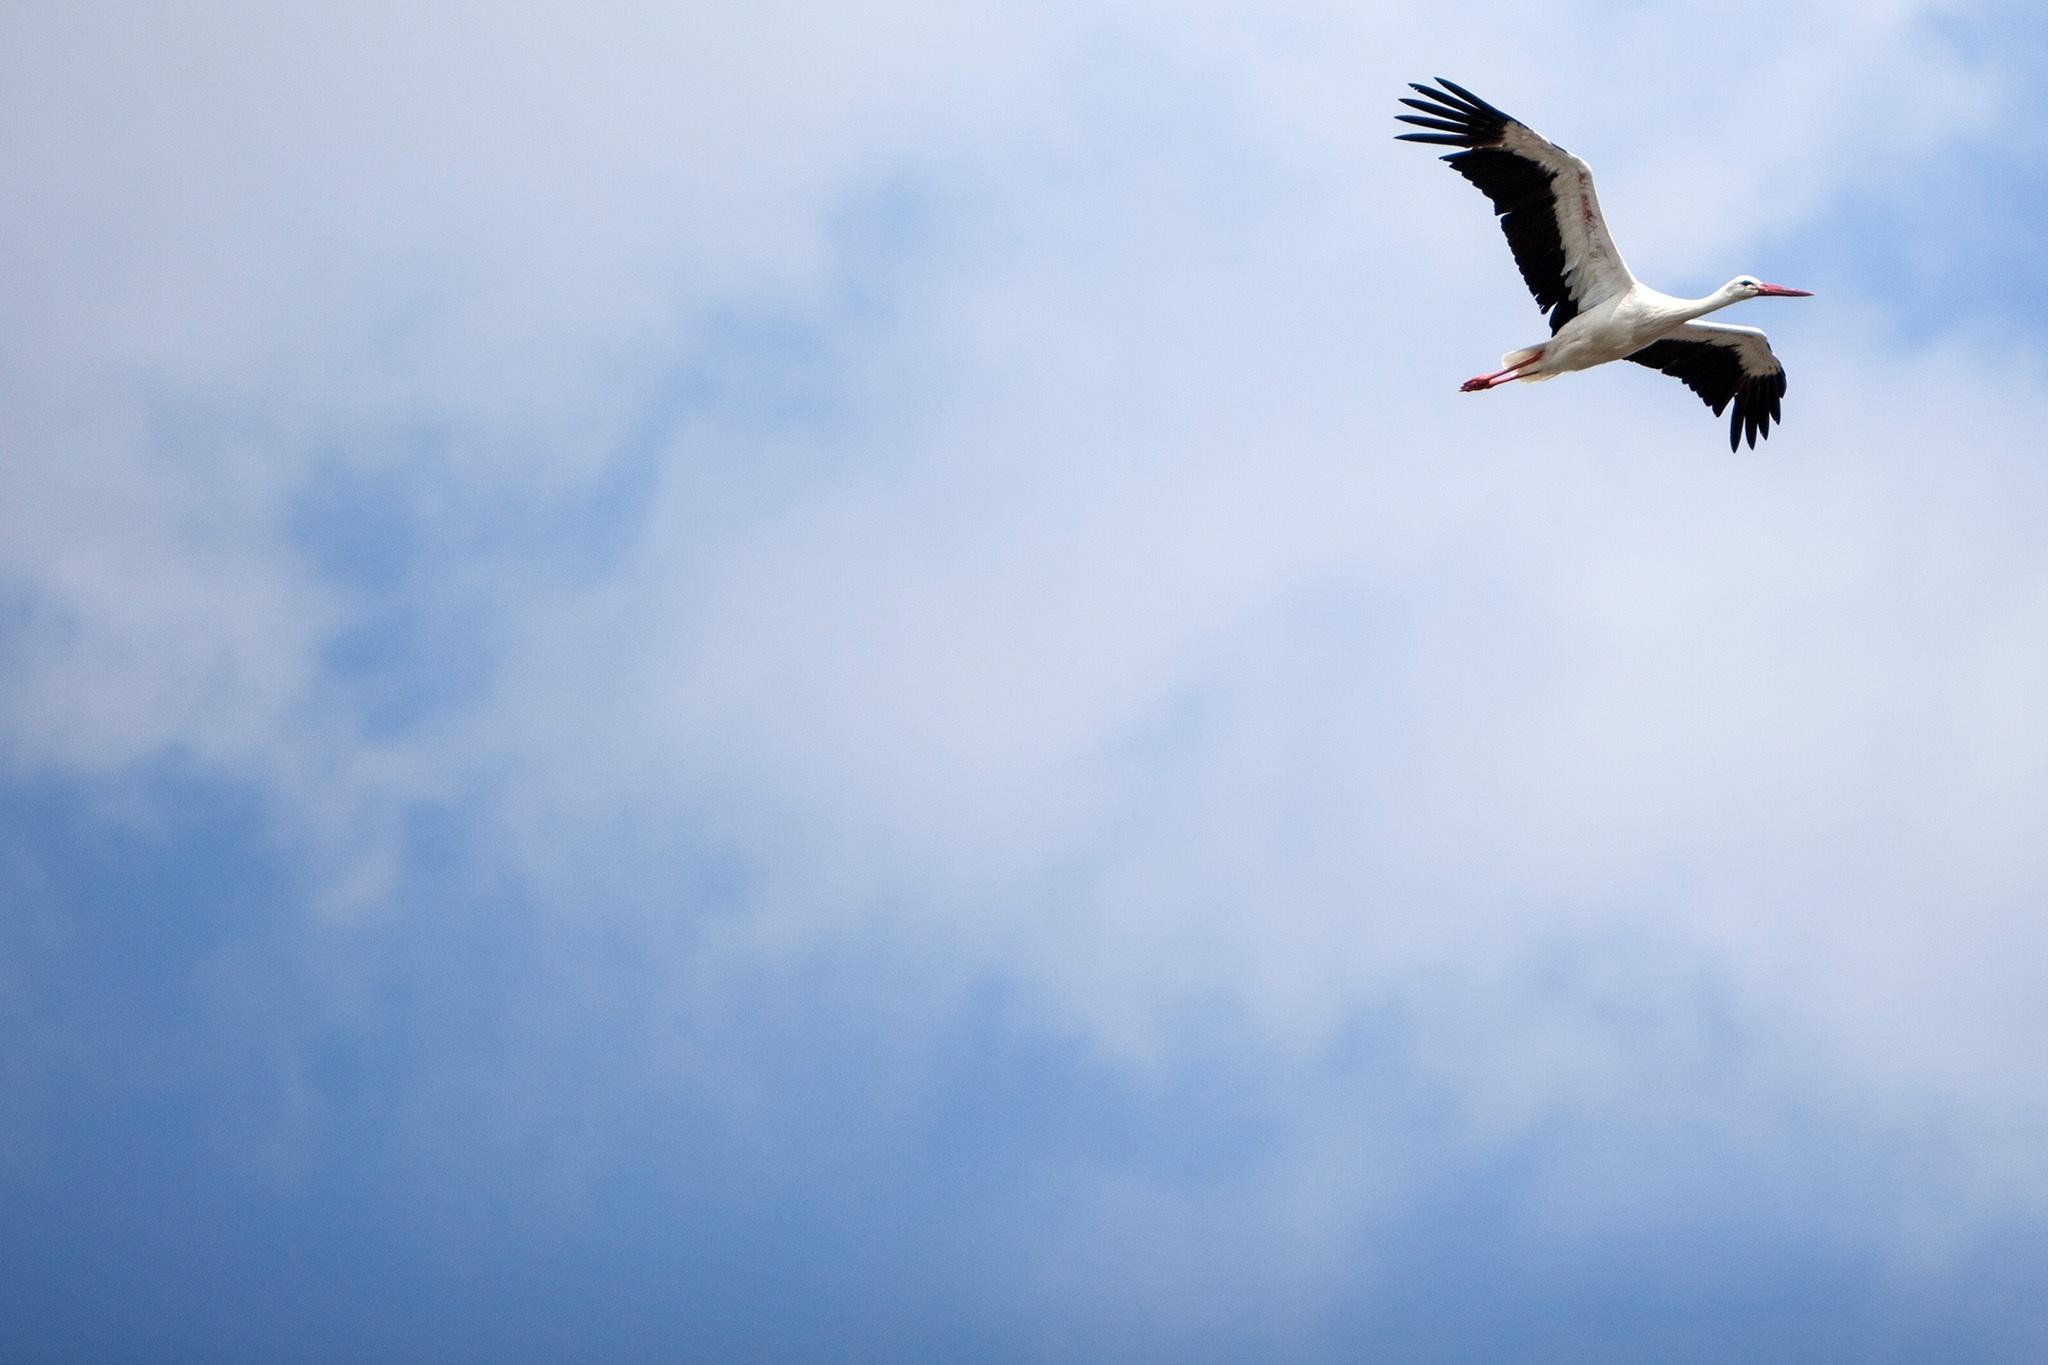 Stork by Patrick van Gemert